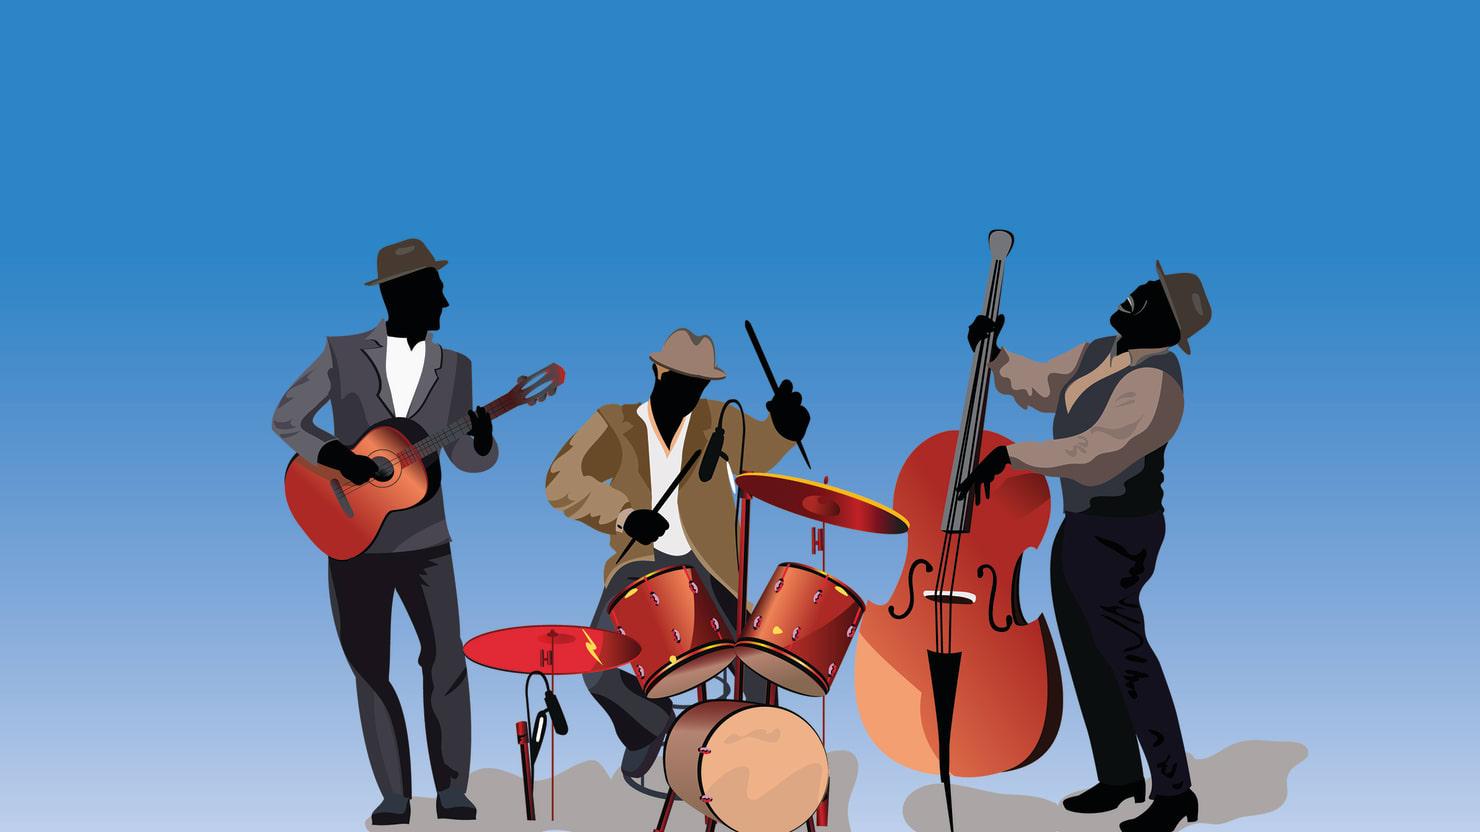 150425 gioia club musicians tease tgbsdg